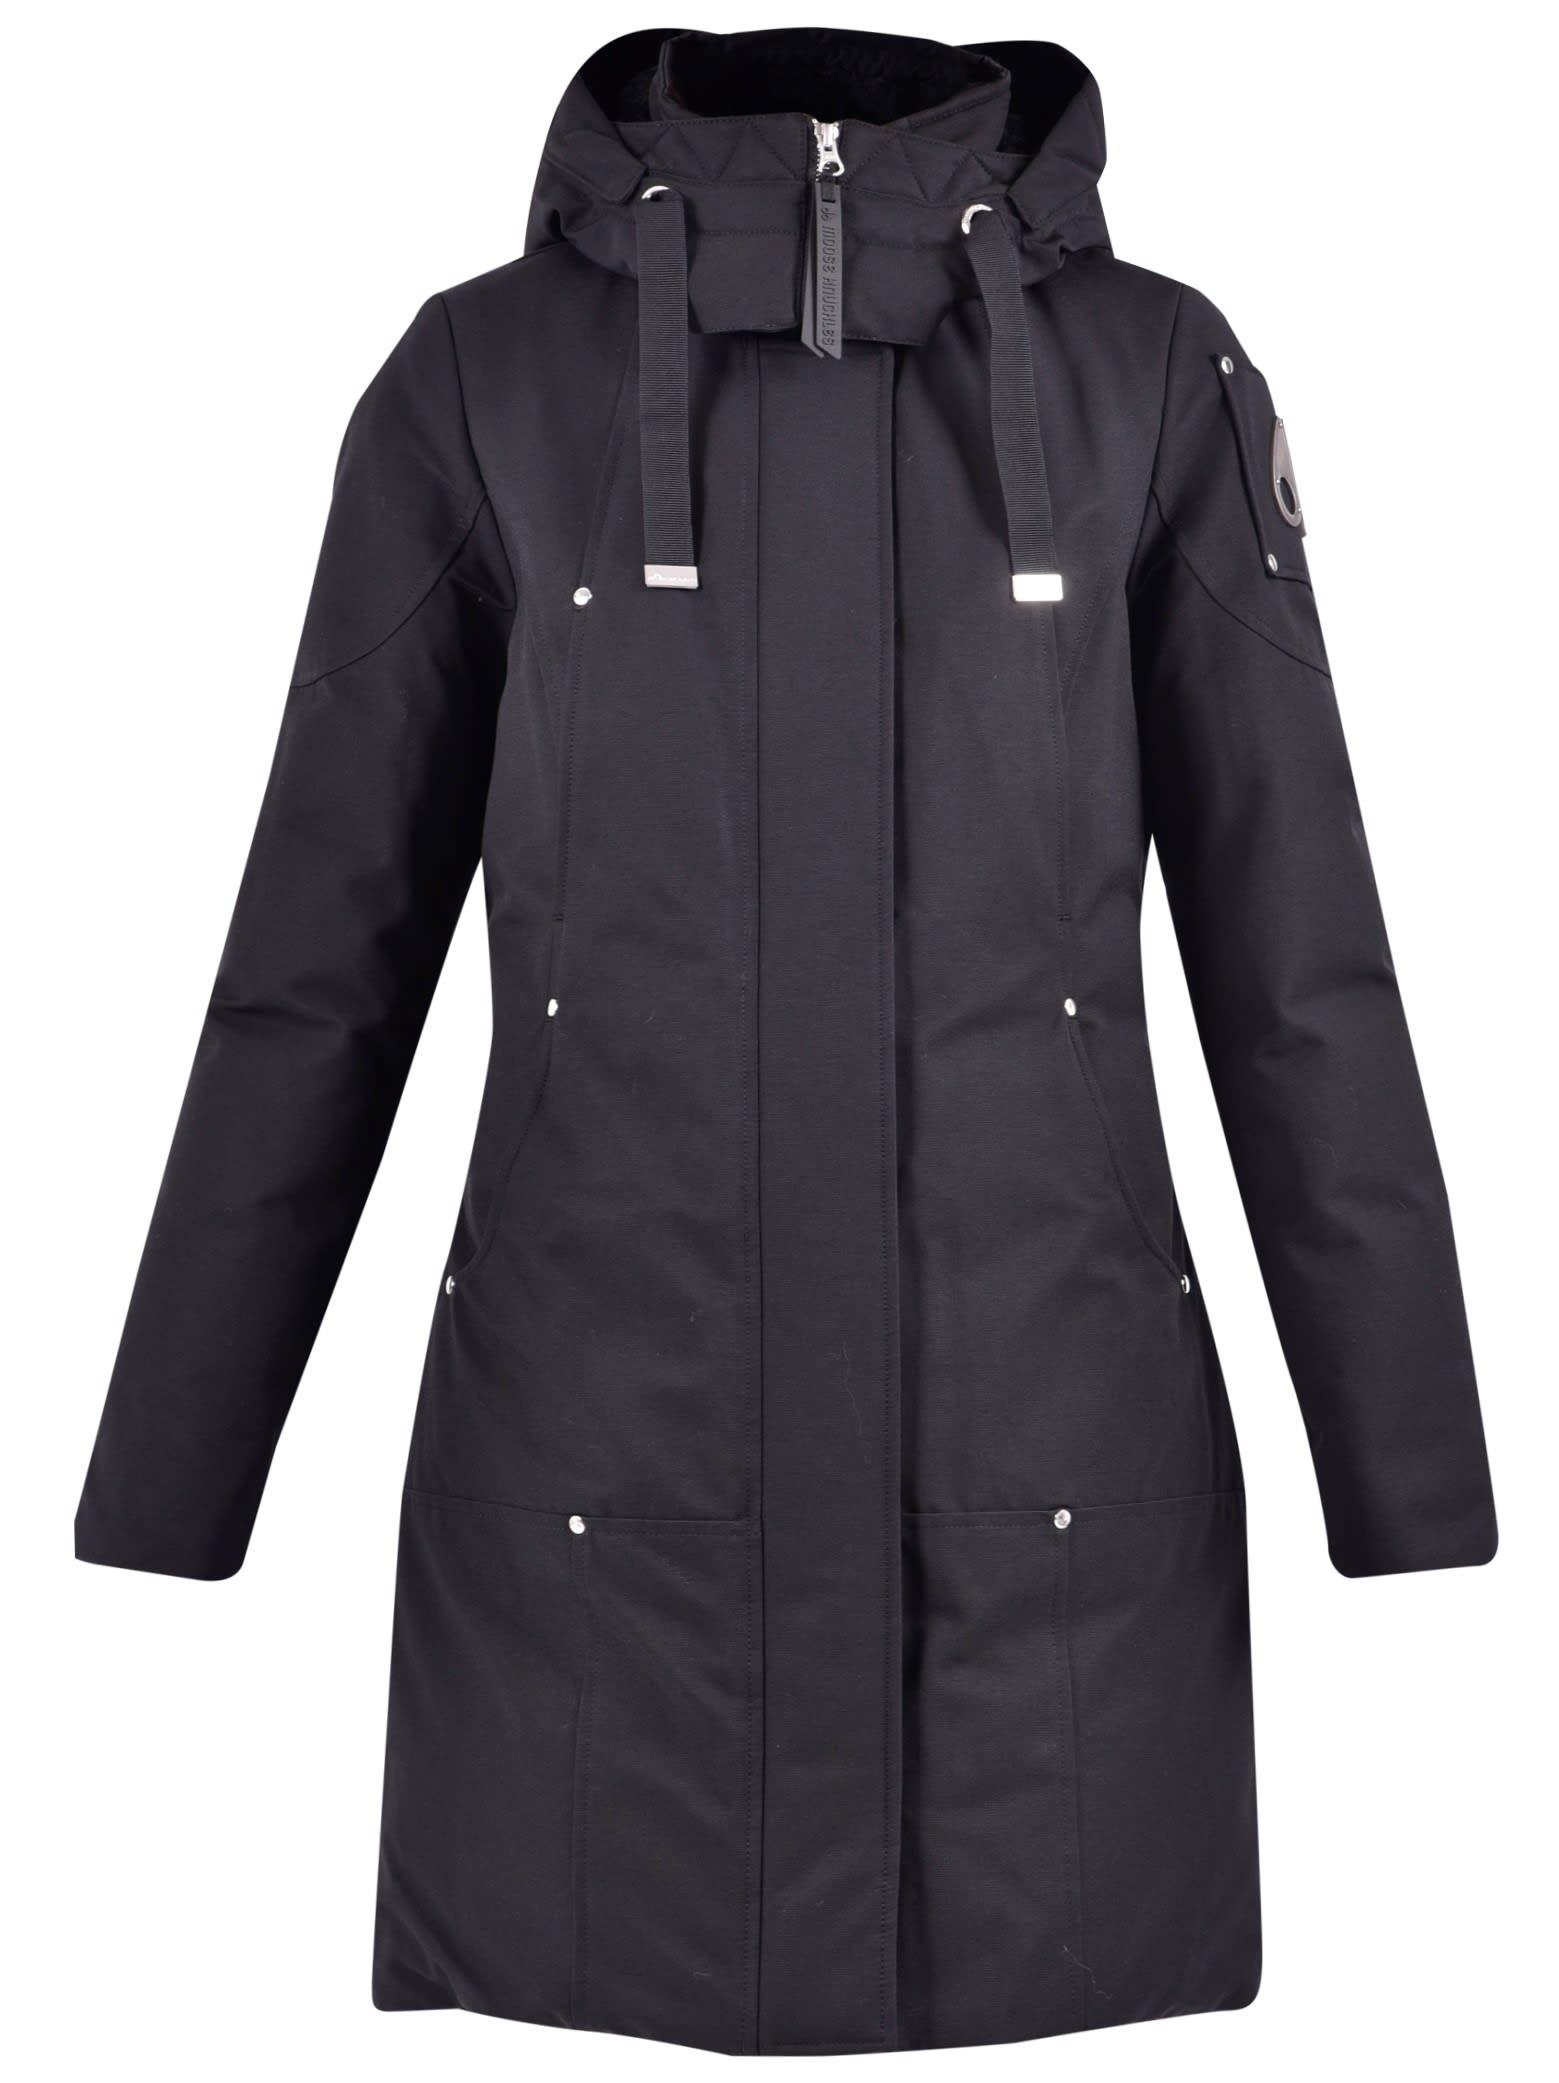 Moose Knuckles Parka Coat